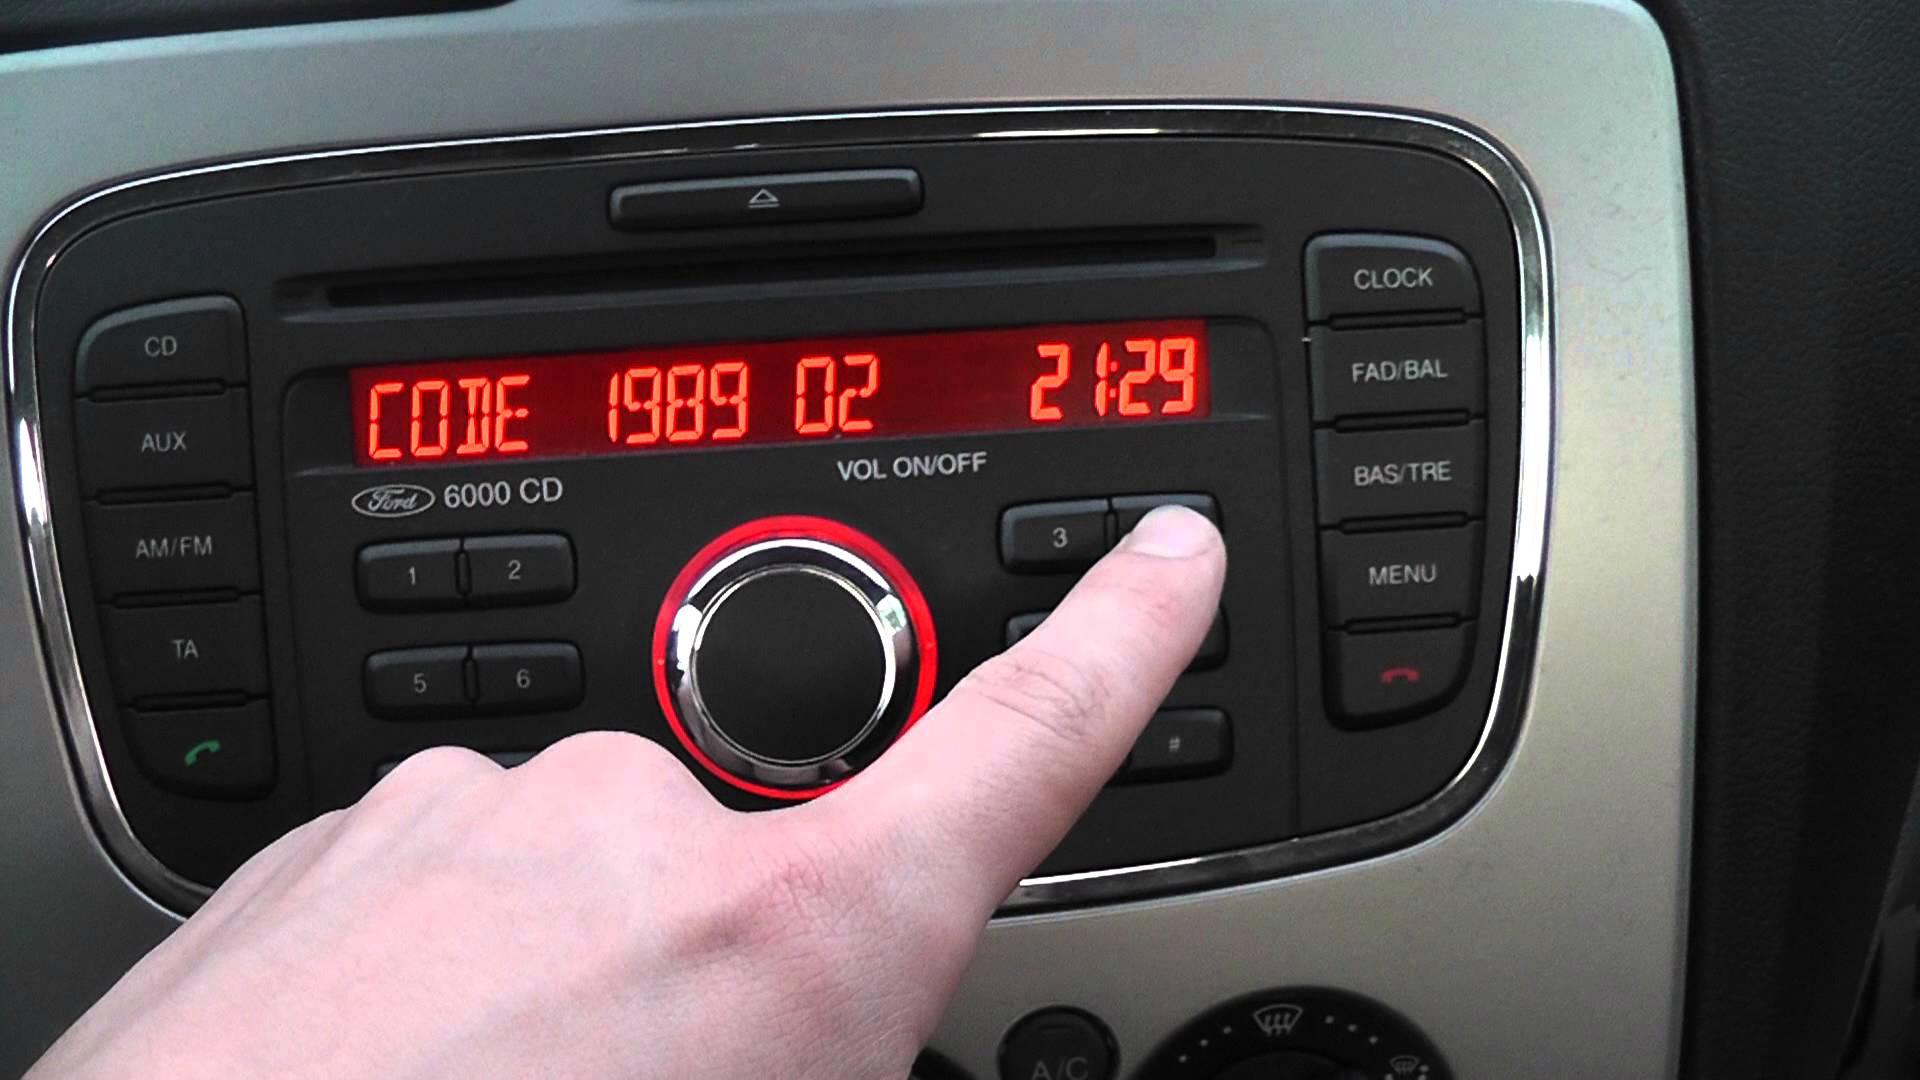 дилерская программа ford для отключения штатной магнитолы